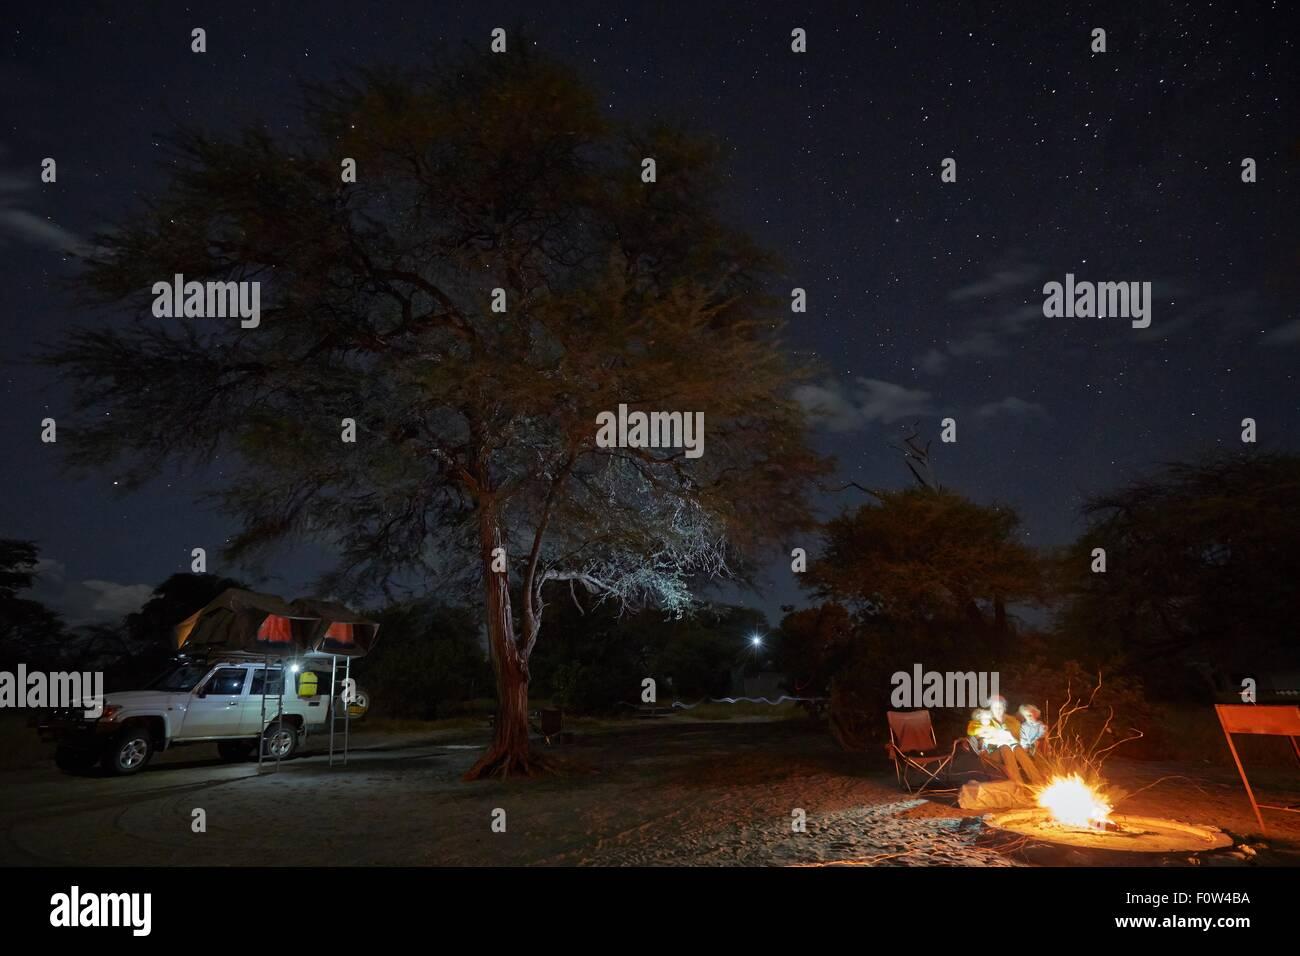 Family by campfire, Nxai Pan National Park, Kalahari Desert, Africa - Stock Image